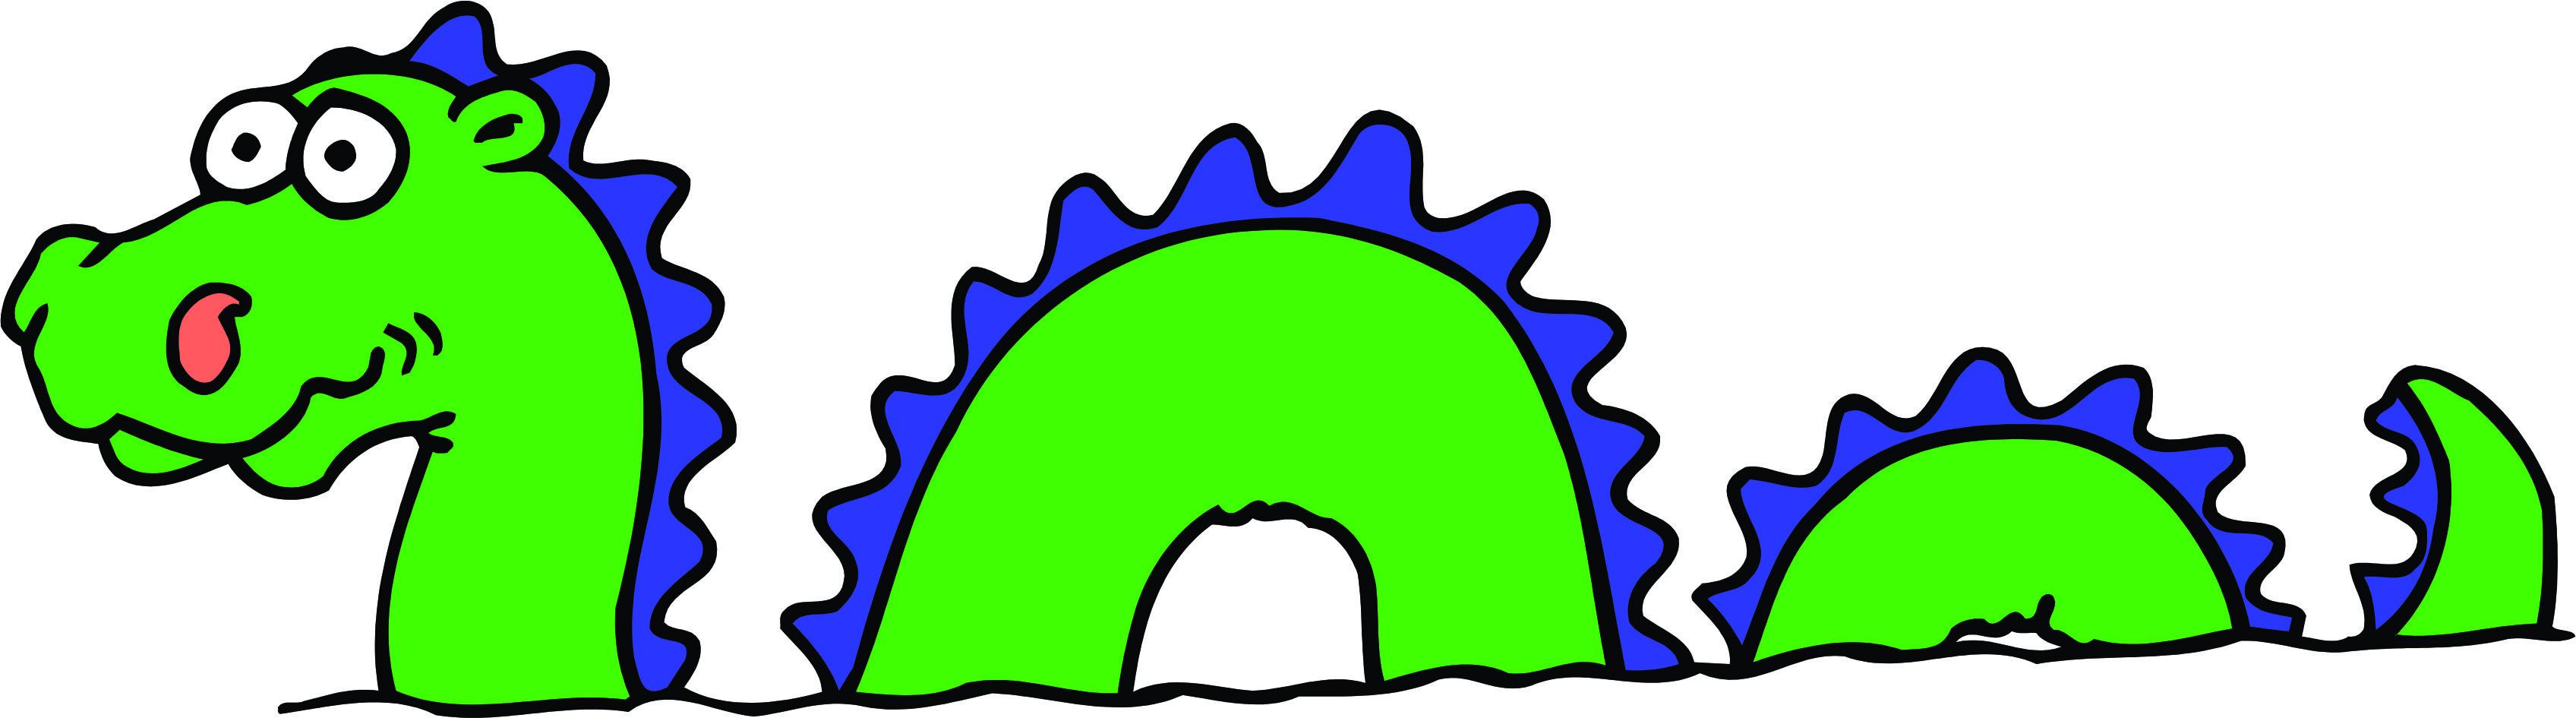 3392x945 Loch Ness Monster Clipart